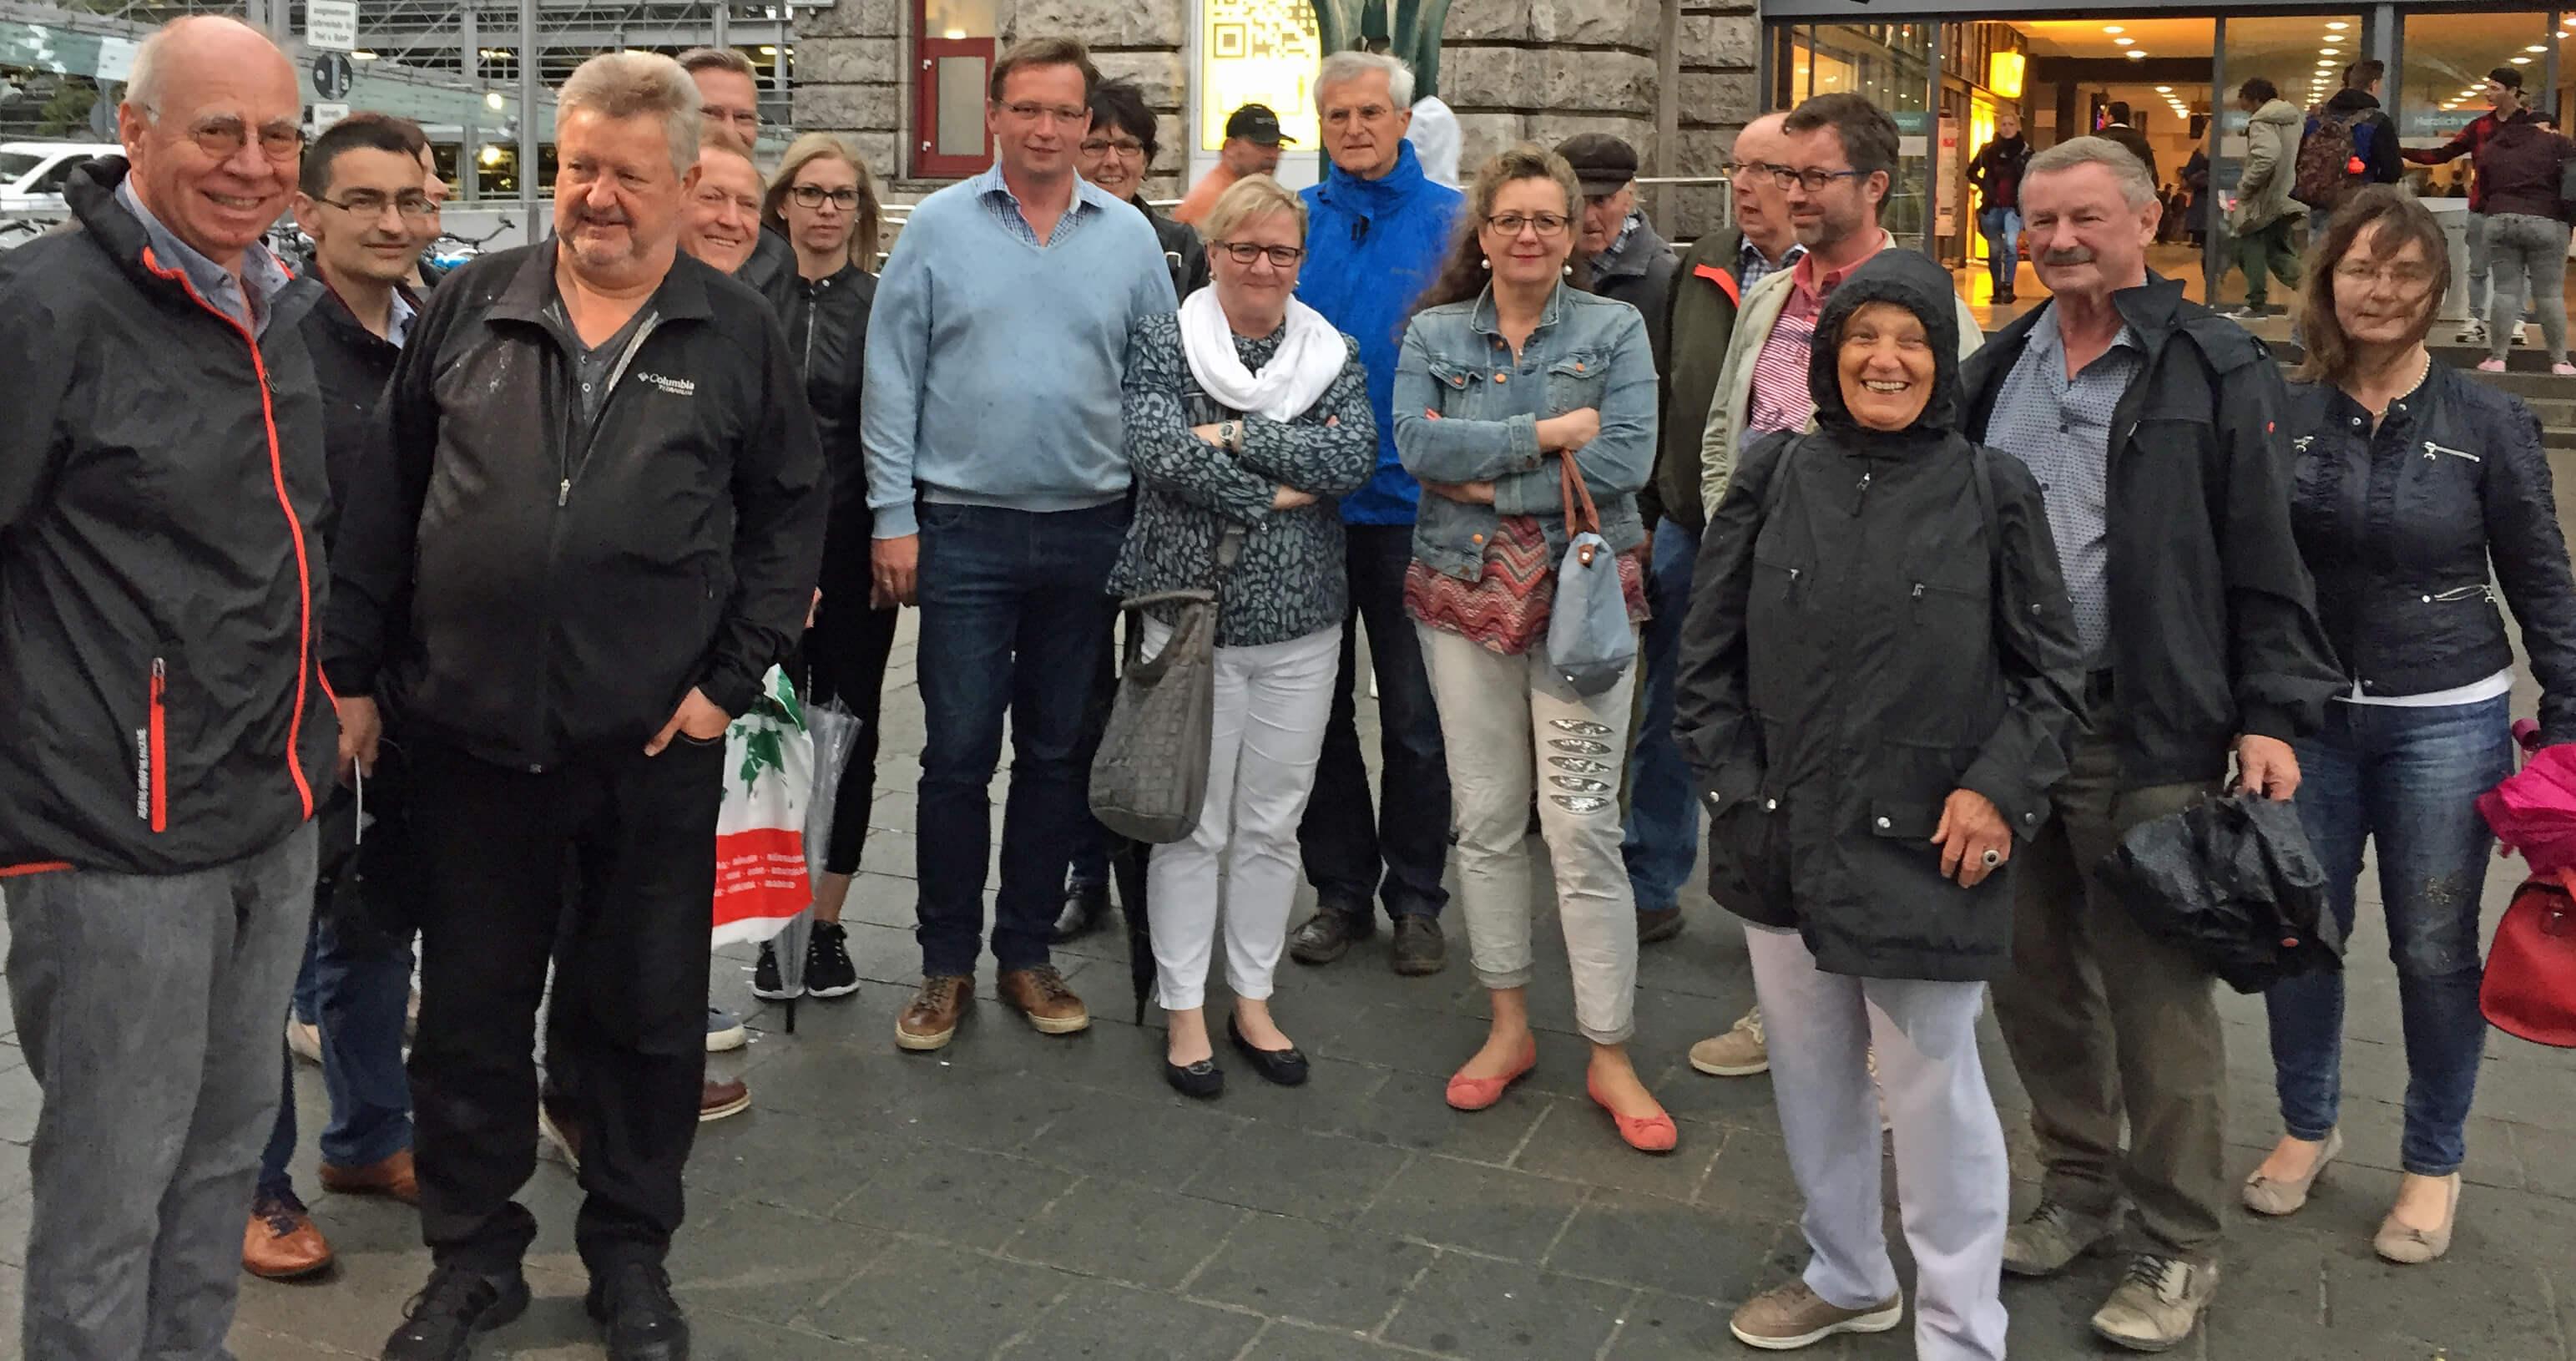 Das Foto zeigt Walter Grzesiek (ganz links), Vorsitzender des Vereins Straßenkreuzer, die beiden Ortsvorsitzenden Peter Uschalt und Götz Reichel und die weiteren Teilnehmer der Führung.